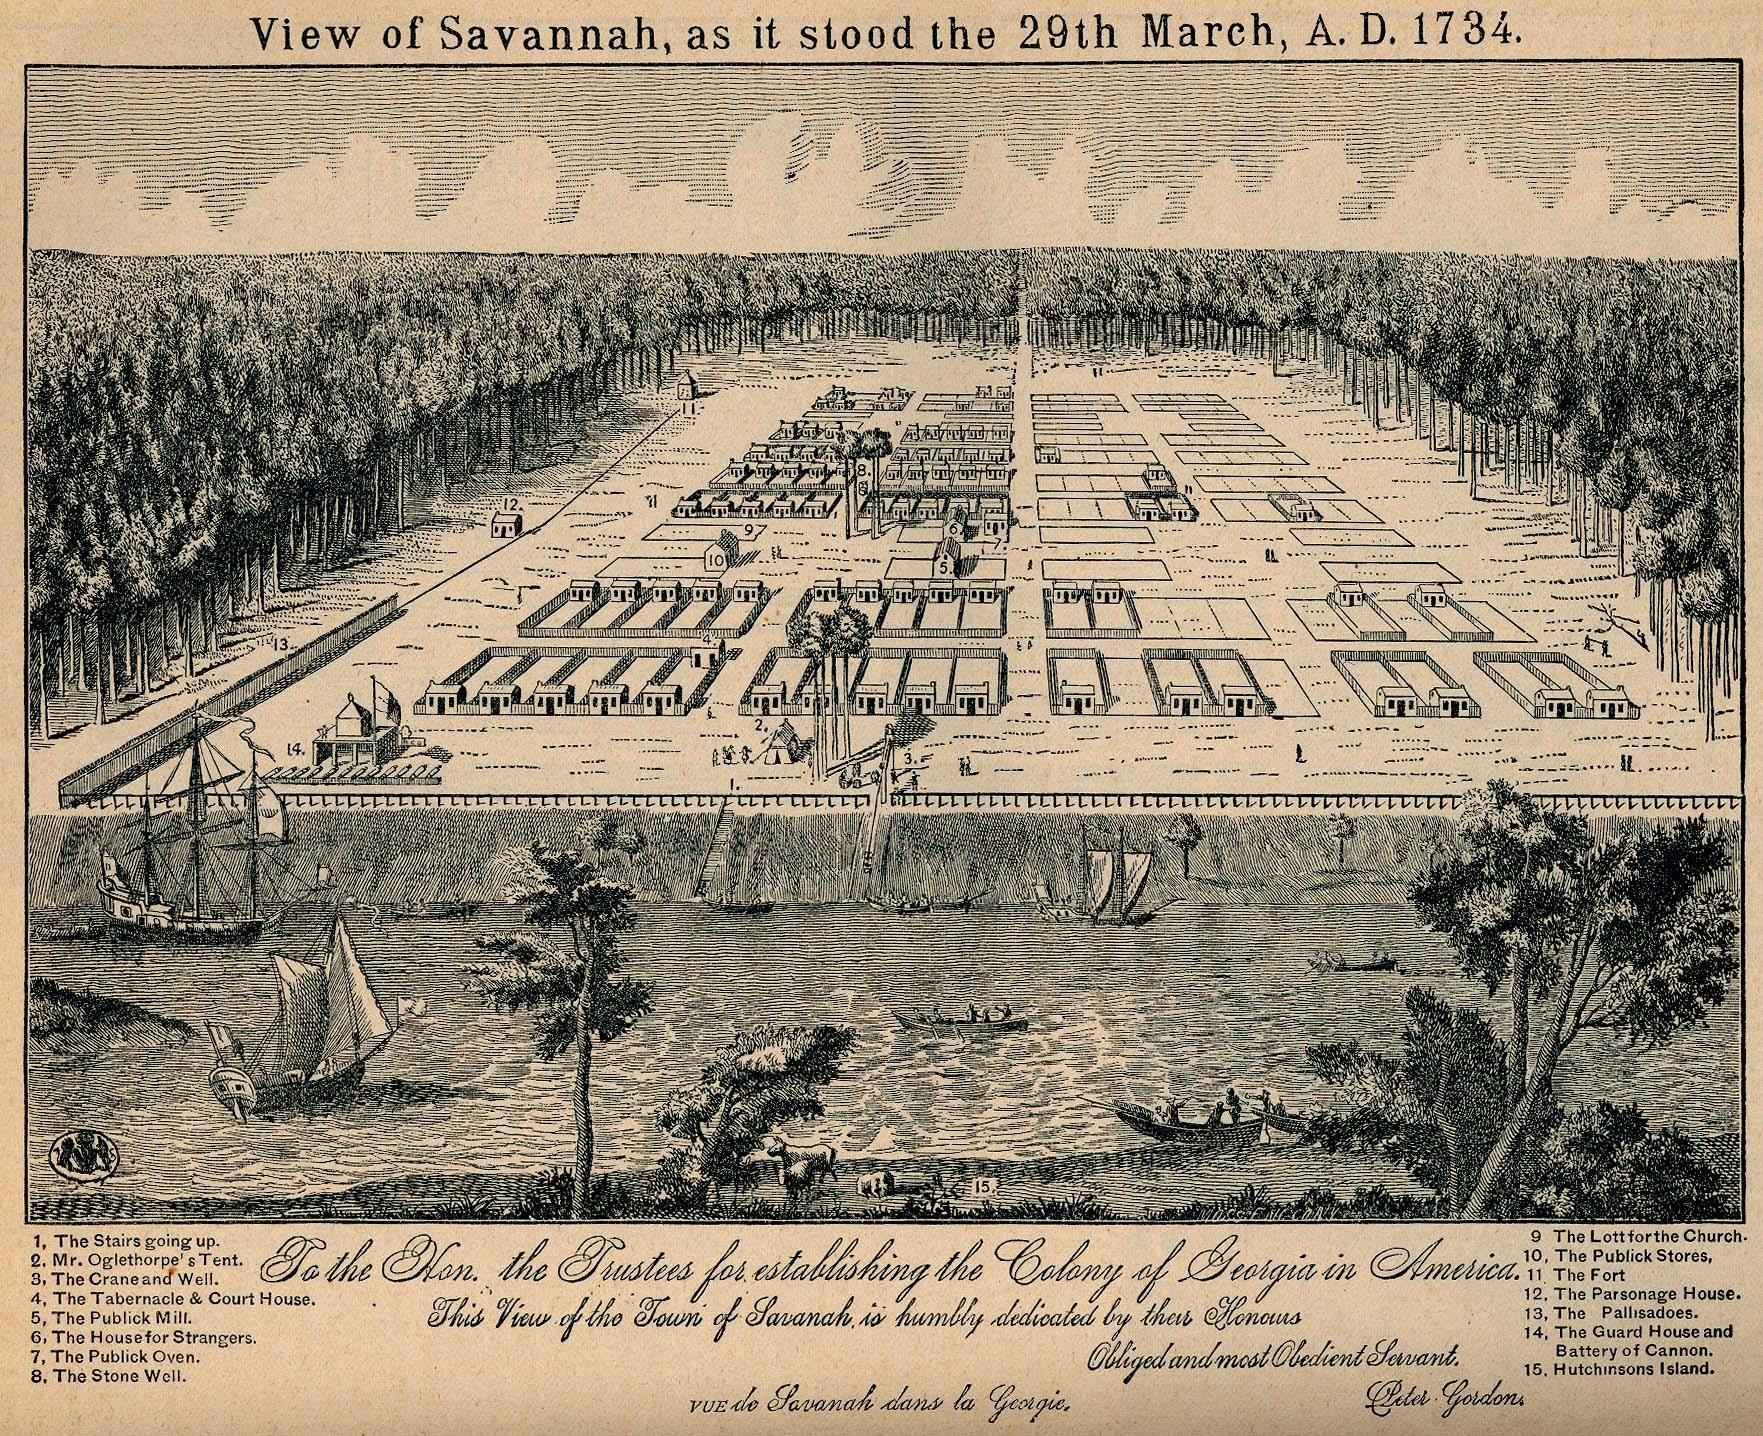 Croquis de Savannah, Georgia, Estados Unidos 1734